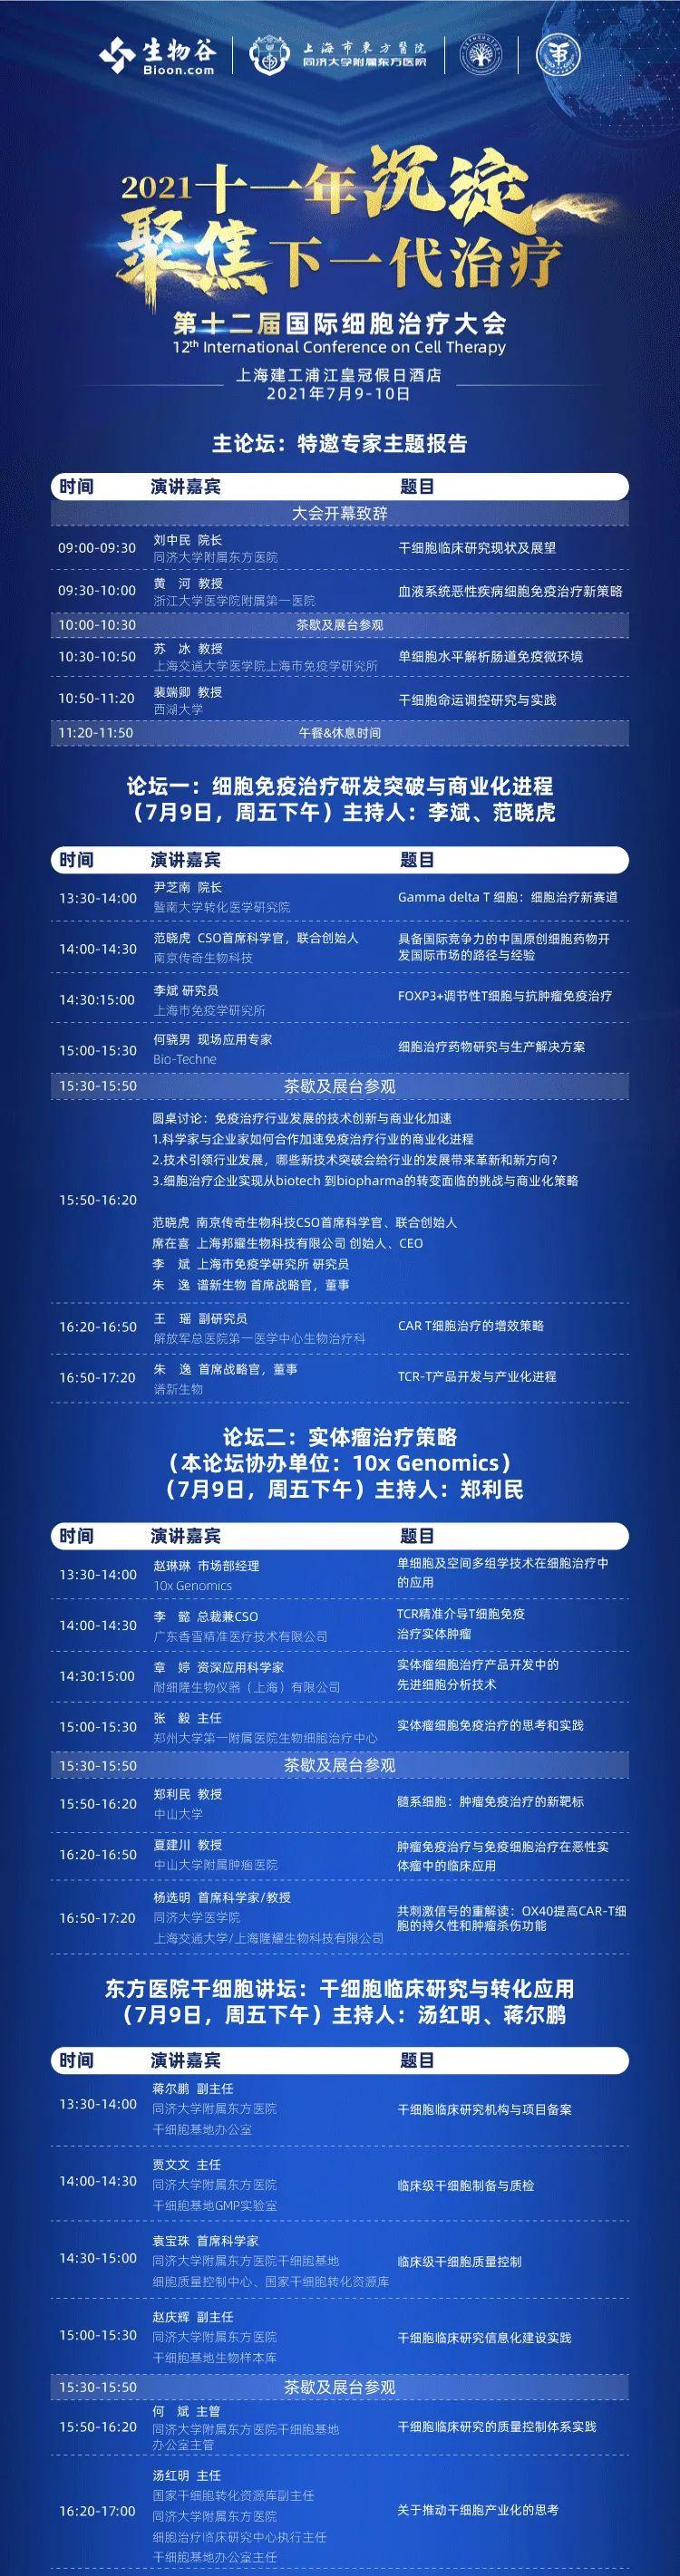 【会展活动】团购票优惠倒计时3天!2021(第十二届)国际细胞治疗大会